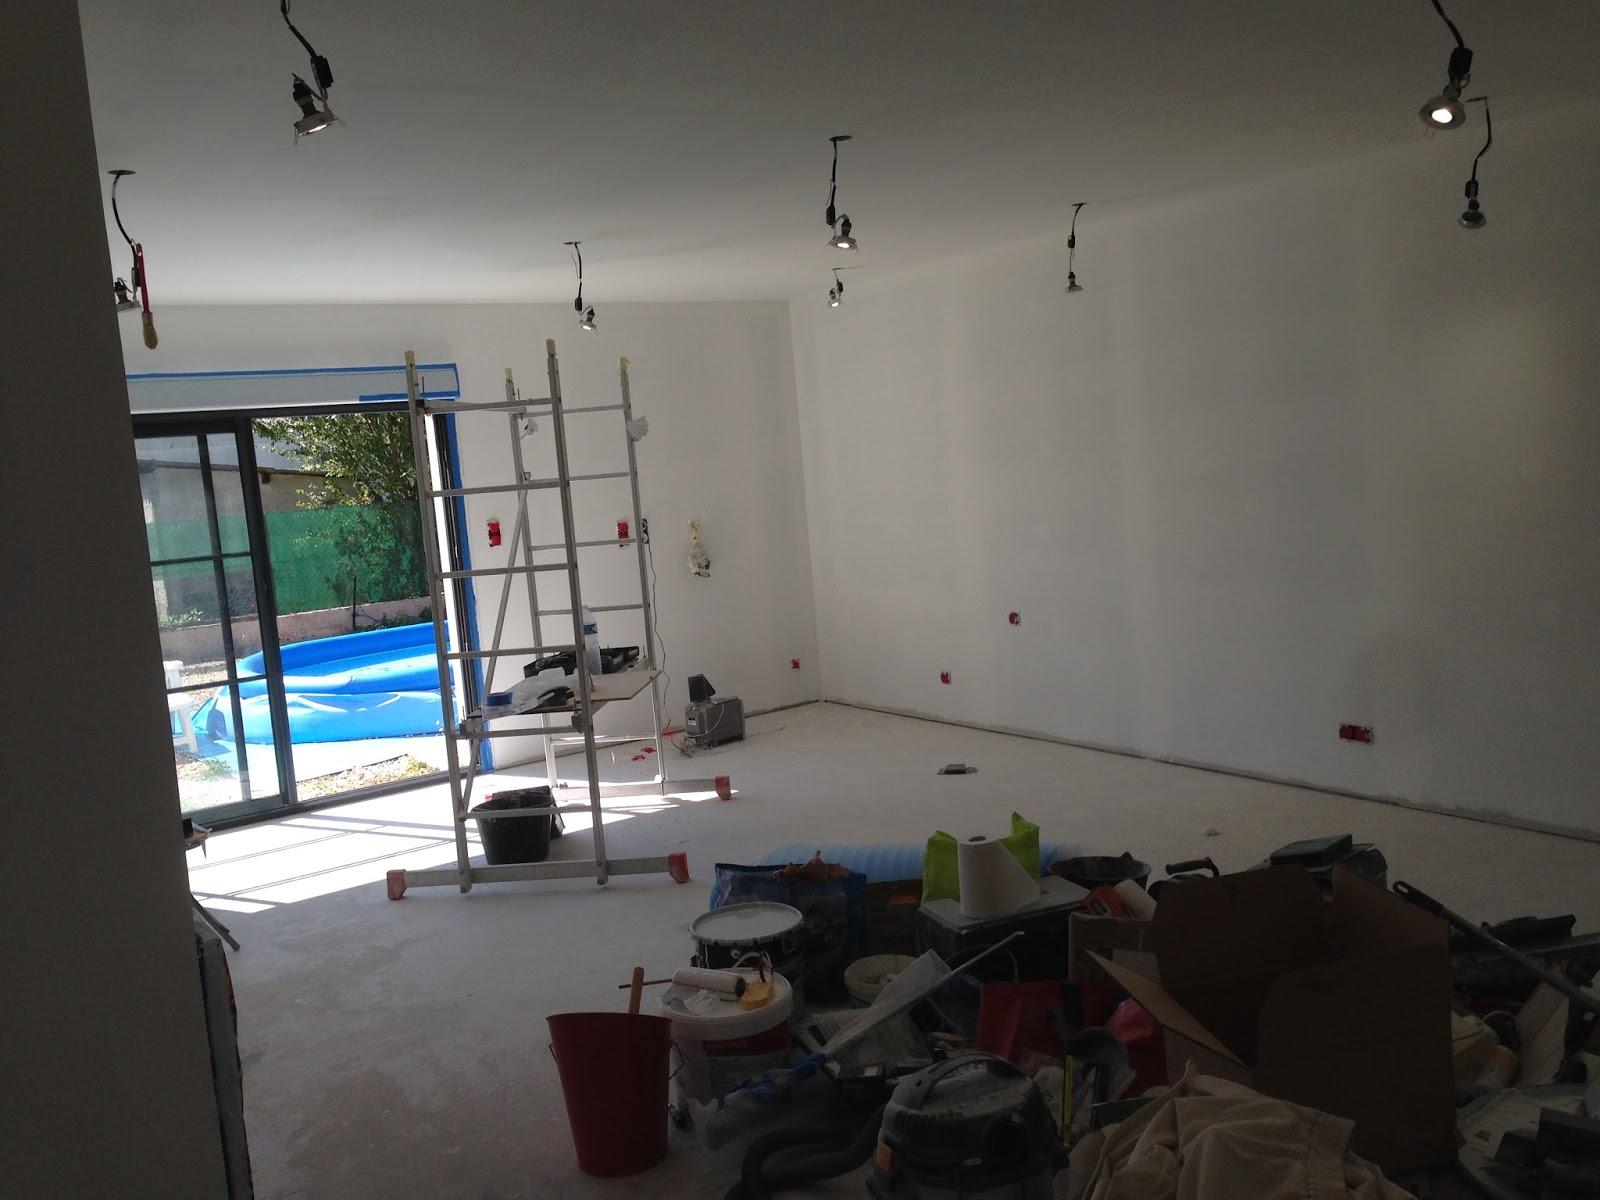 notre projet salon salle manger peinture d 39 impression. Black Bedroom Furniture Sets. Home Design Ideas